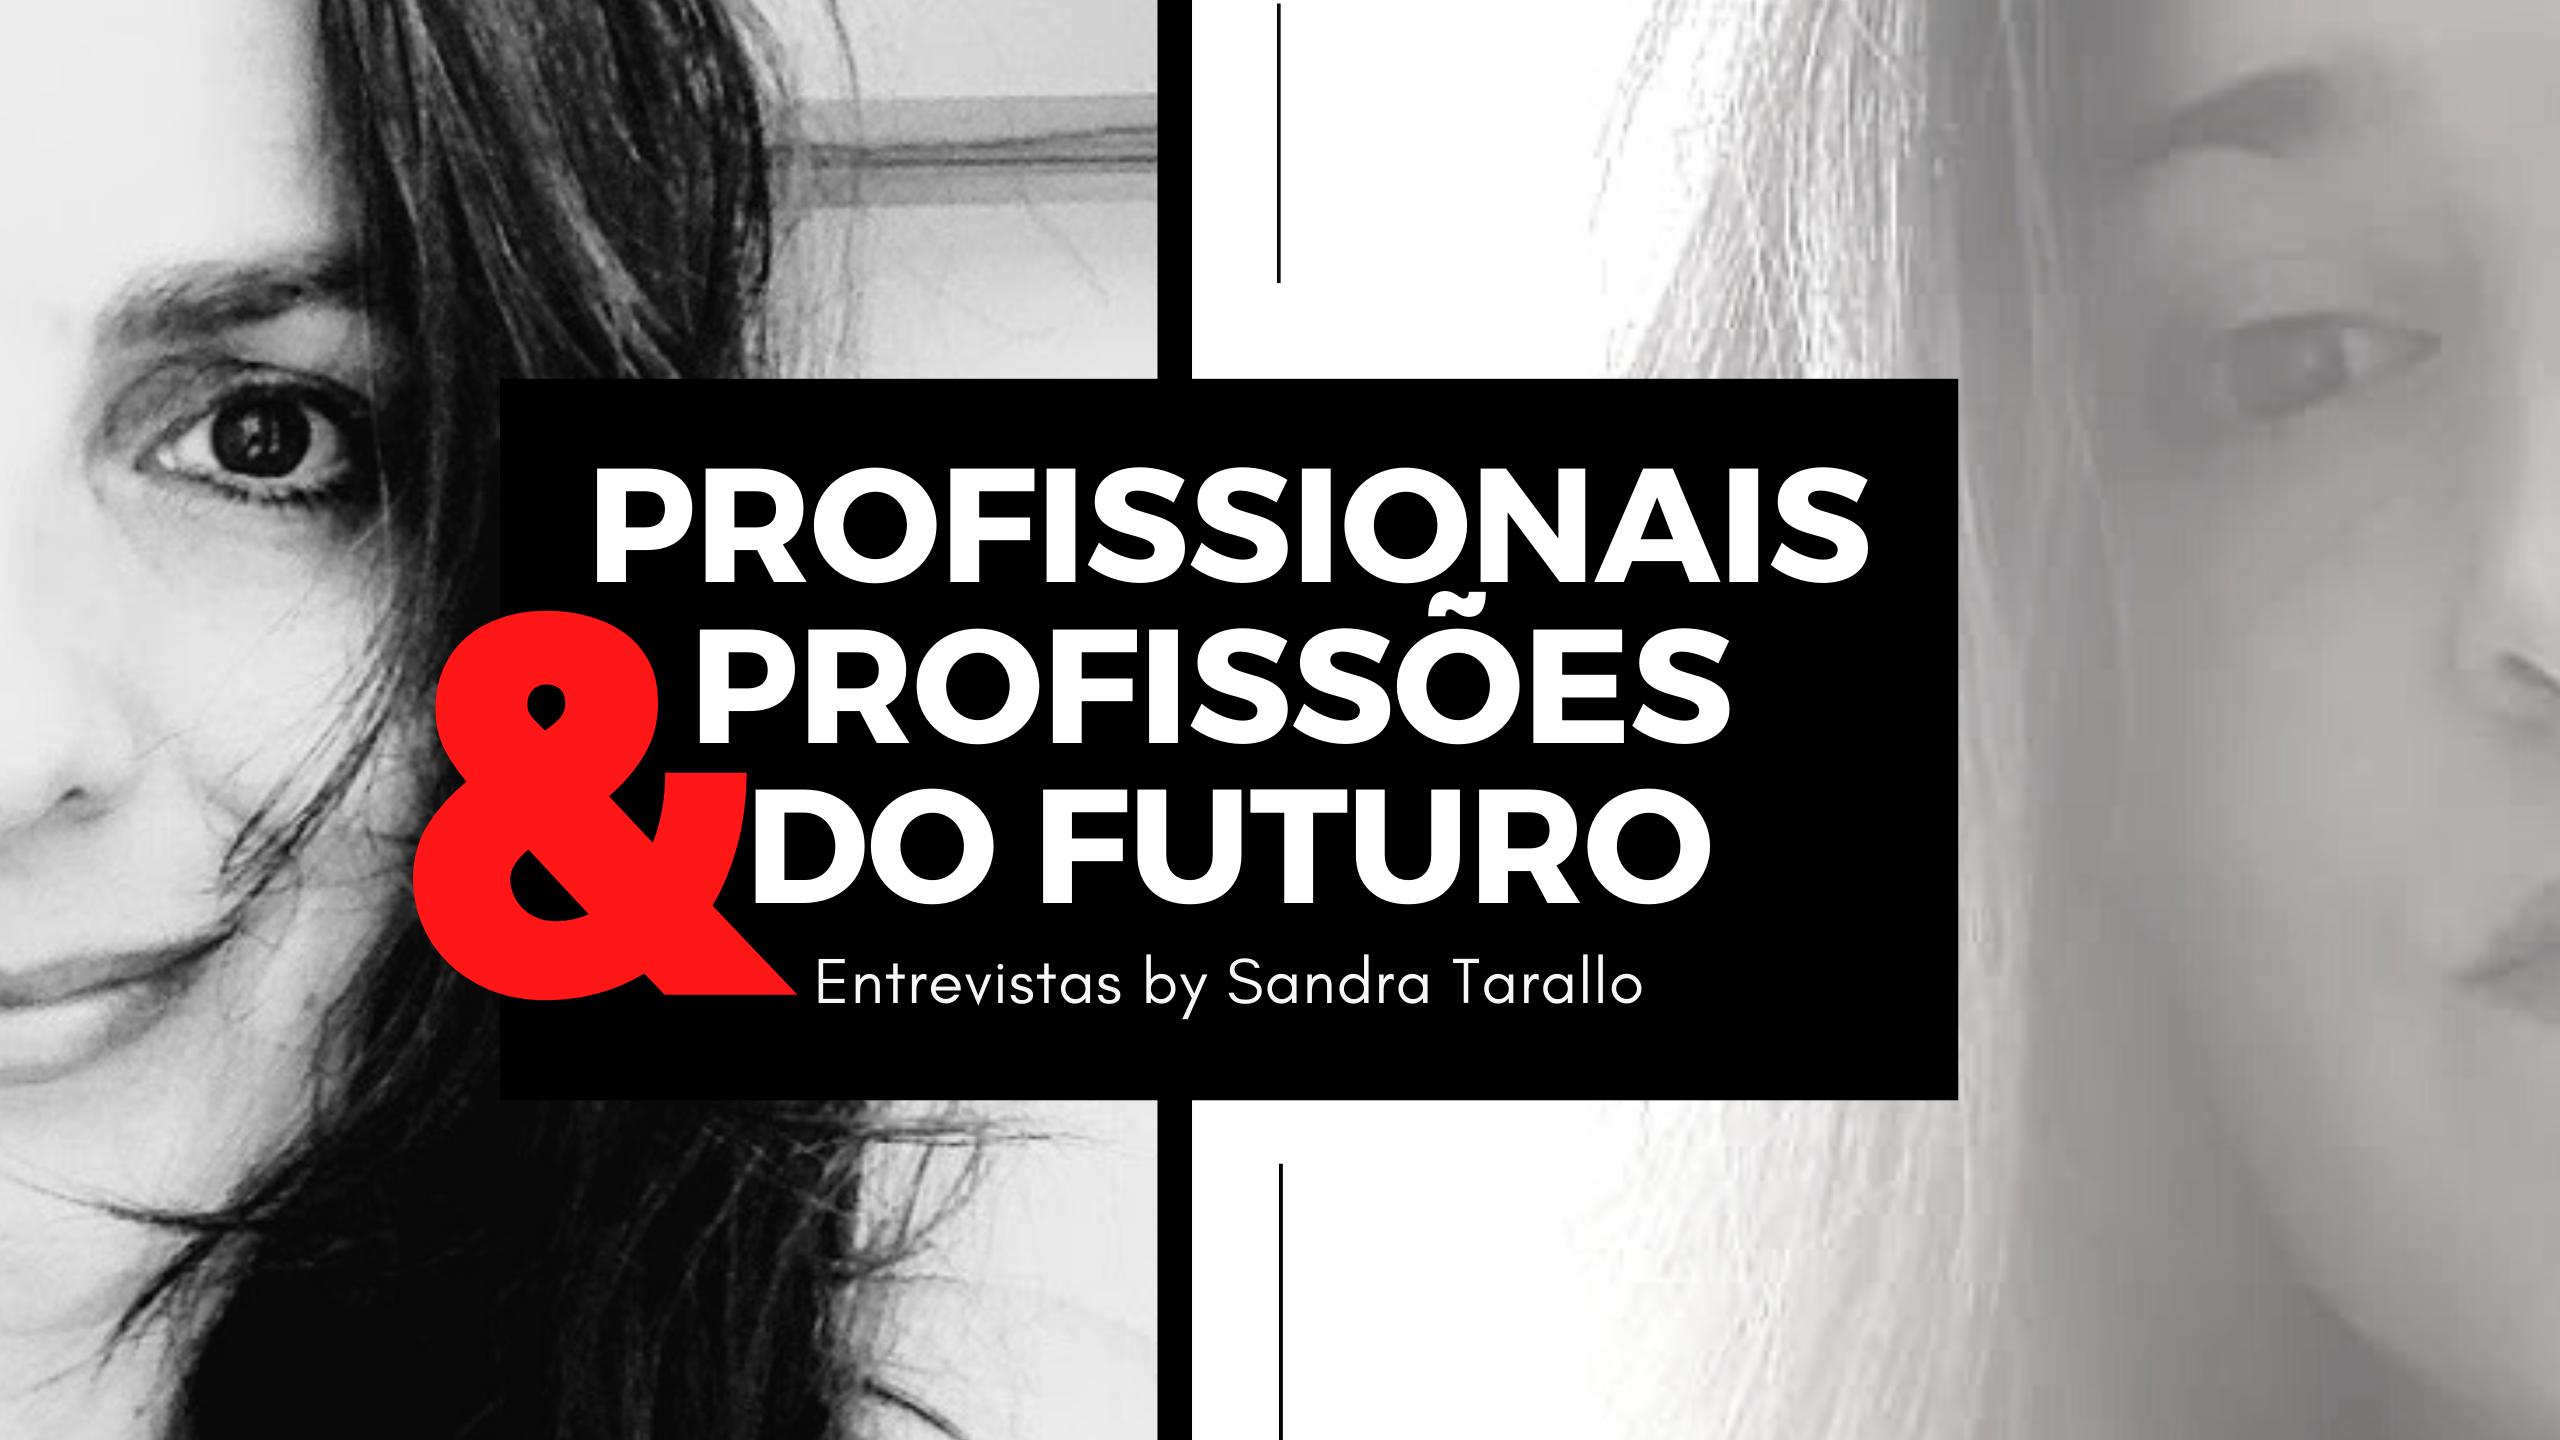 Profissionais Profissões do futuro 2 - [Projeto Profissionais e Profissões do Futuro]  Profissional da área do e-commerce Cassia Couto